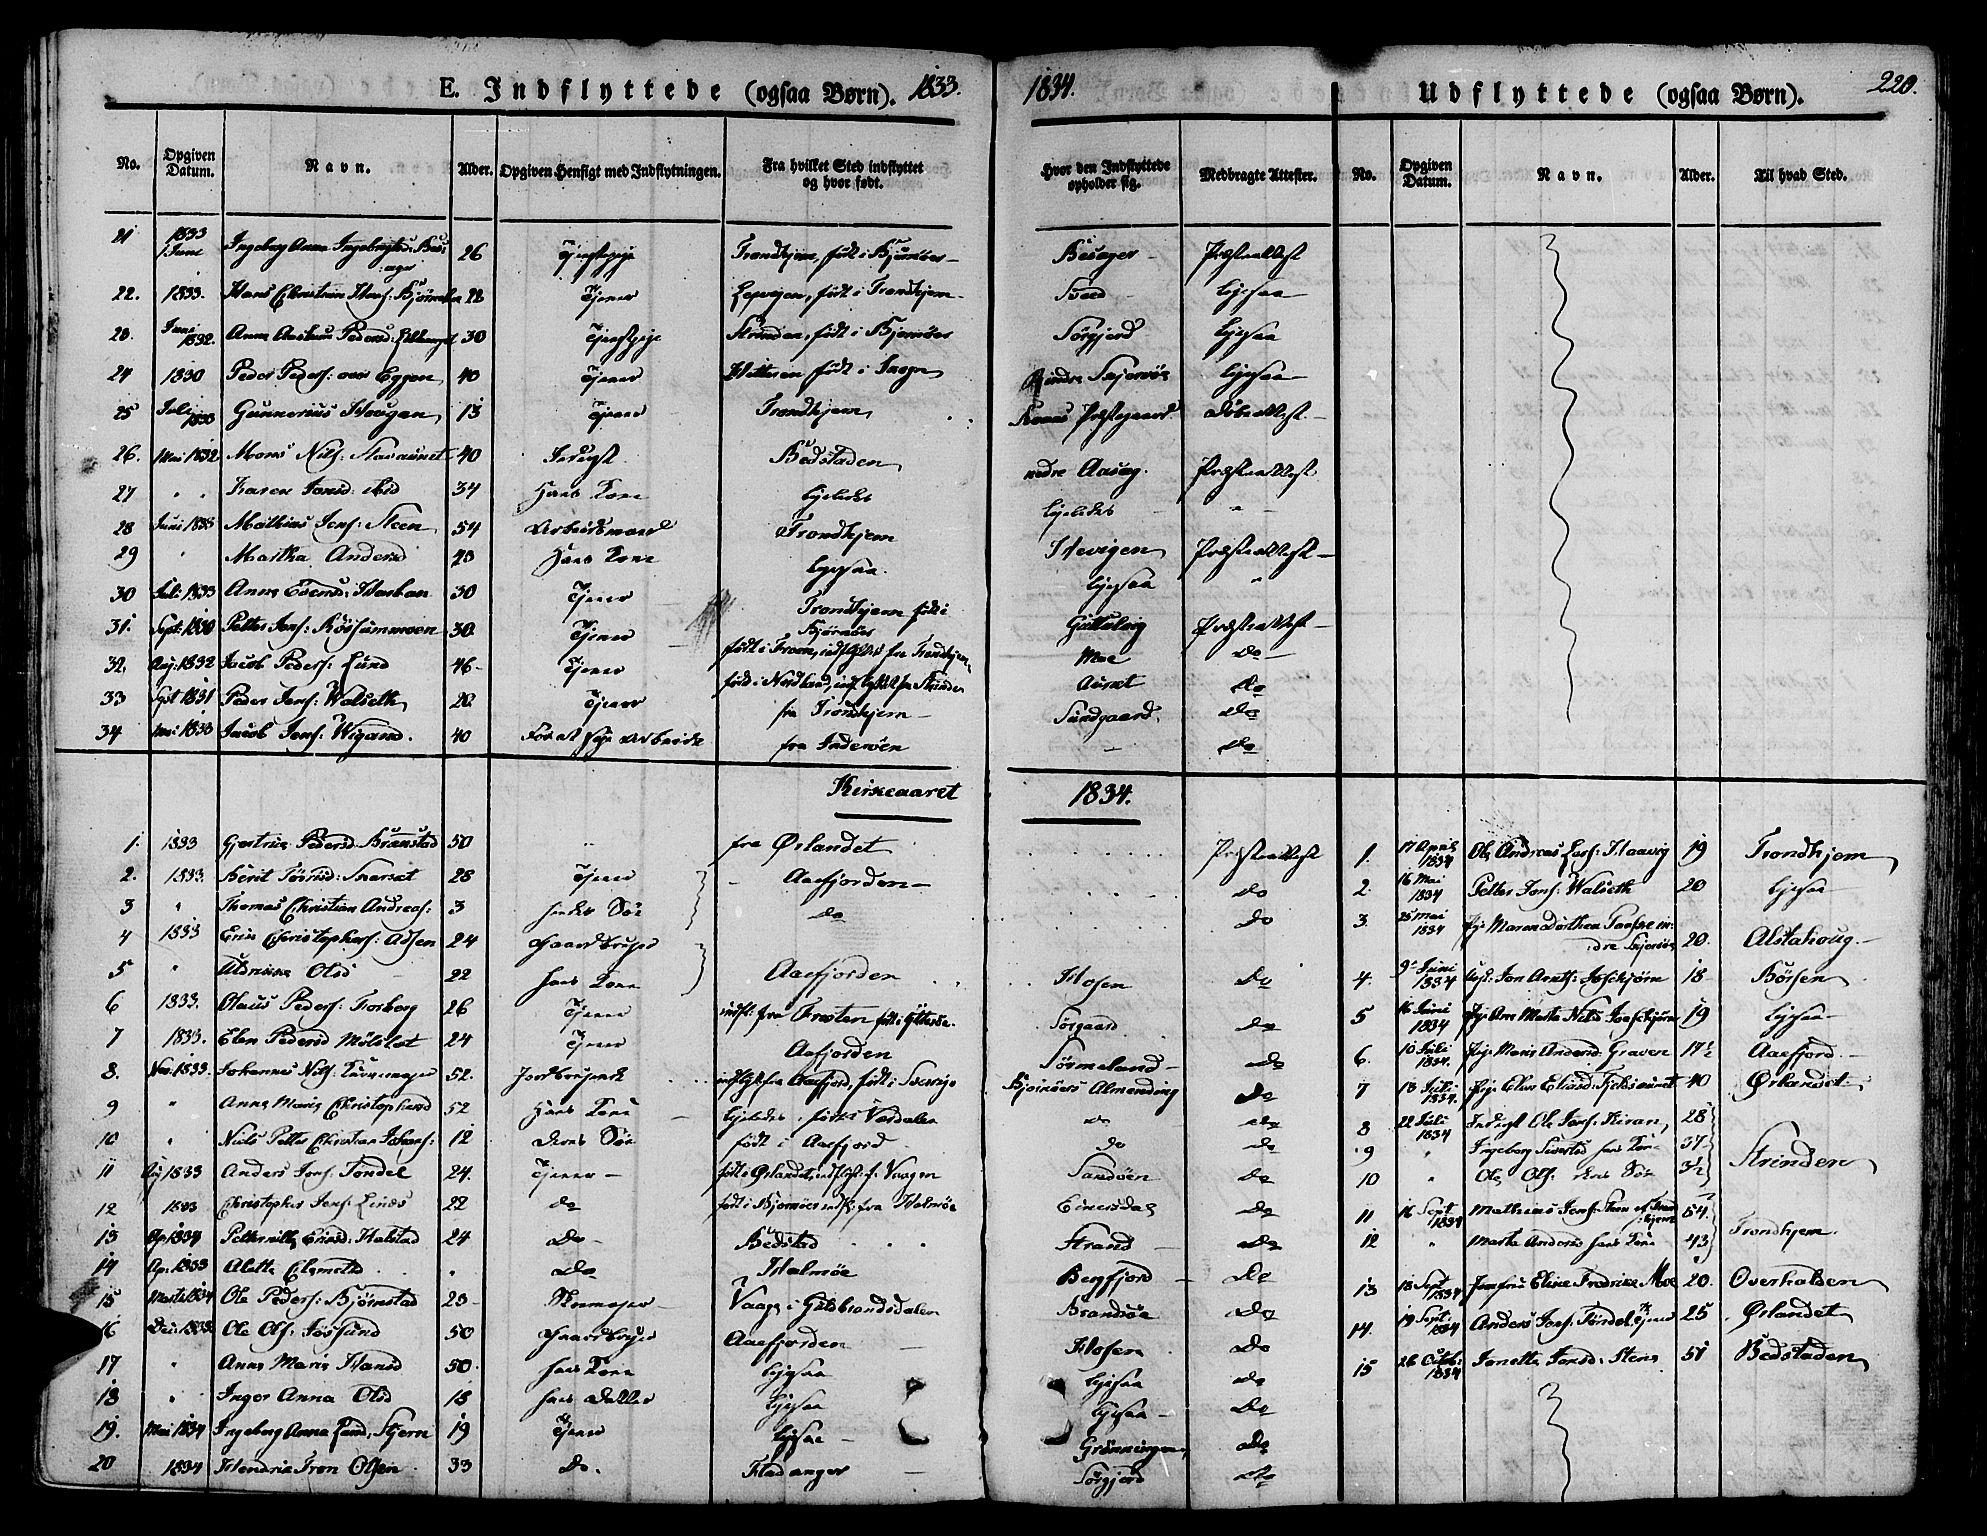 SAT, Ministerialprotokoller, klokkerbøker og fødselsregistre - Sør-Trøndelag, 657/L0703: Ministerialbok nr. 657A04, 1831-1846, s. 220